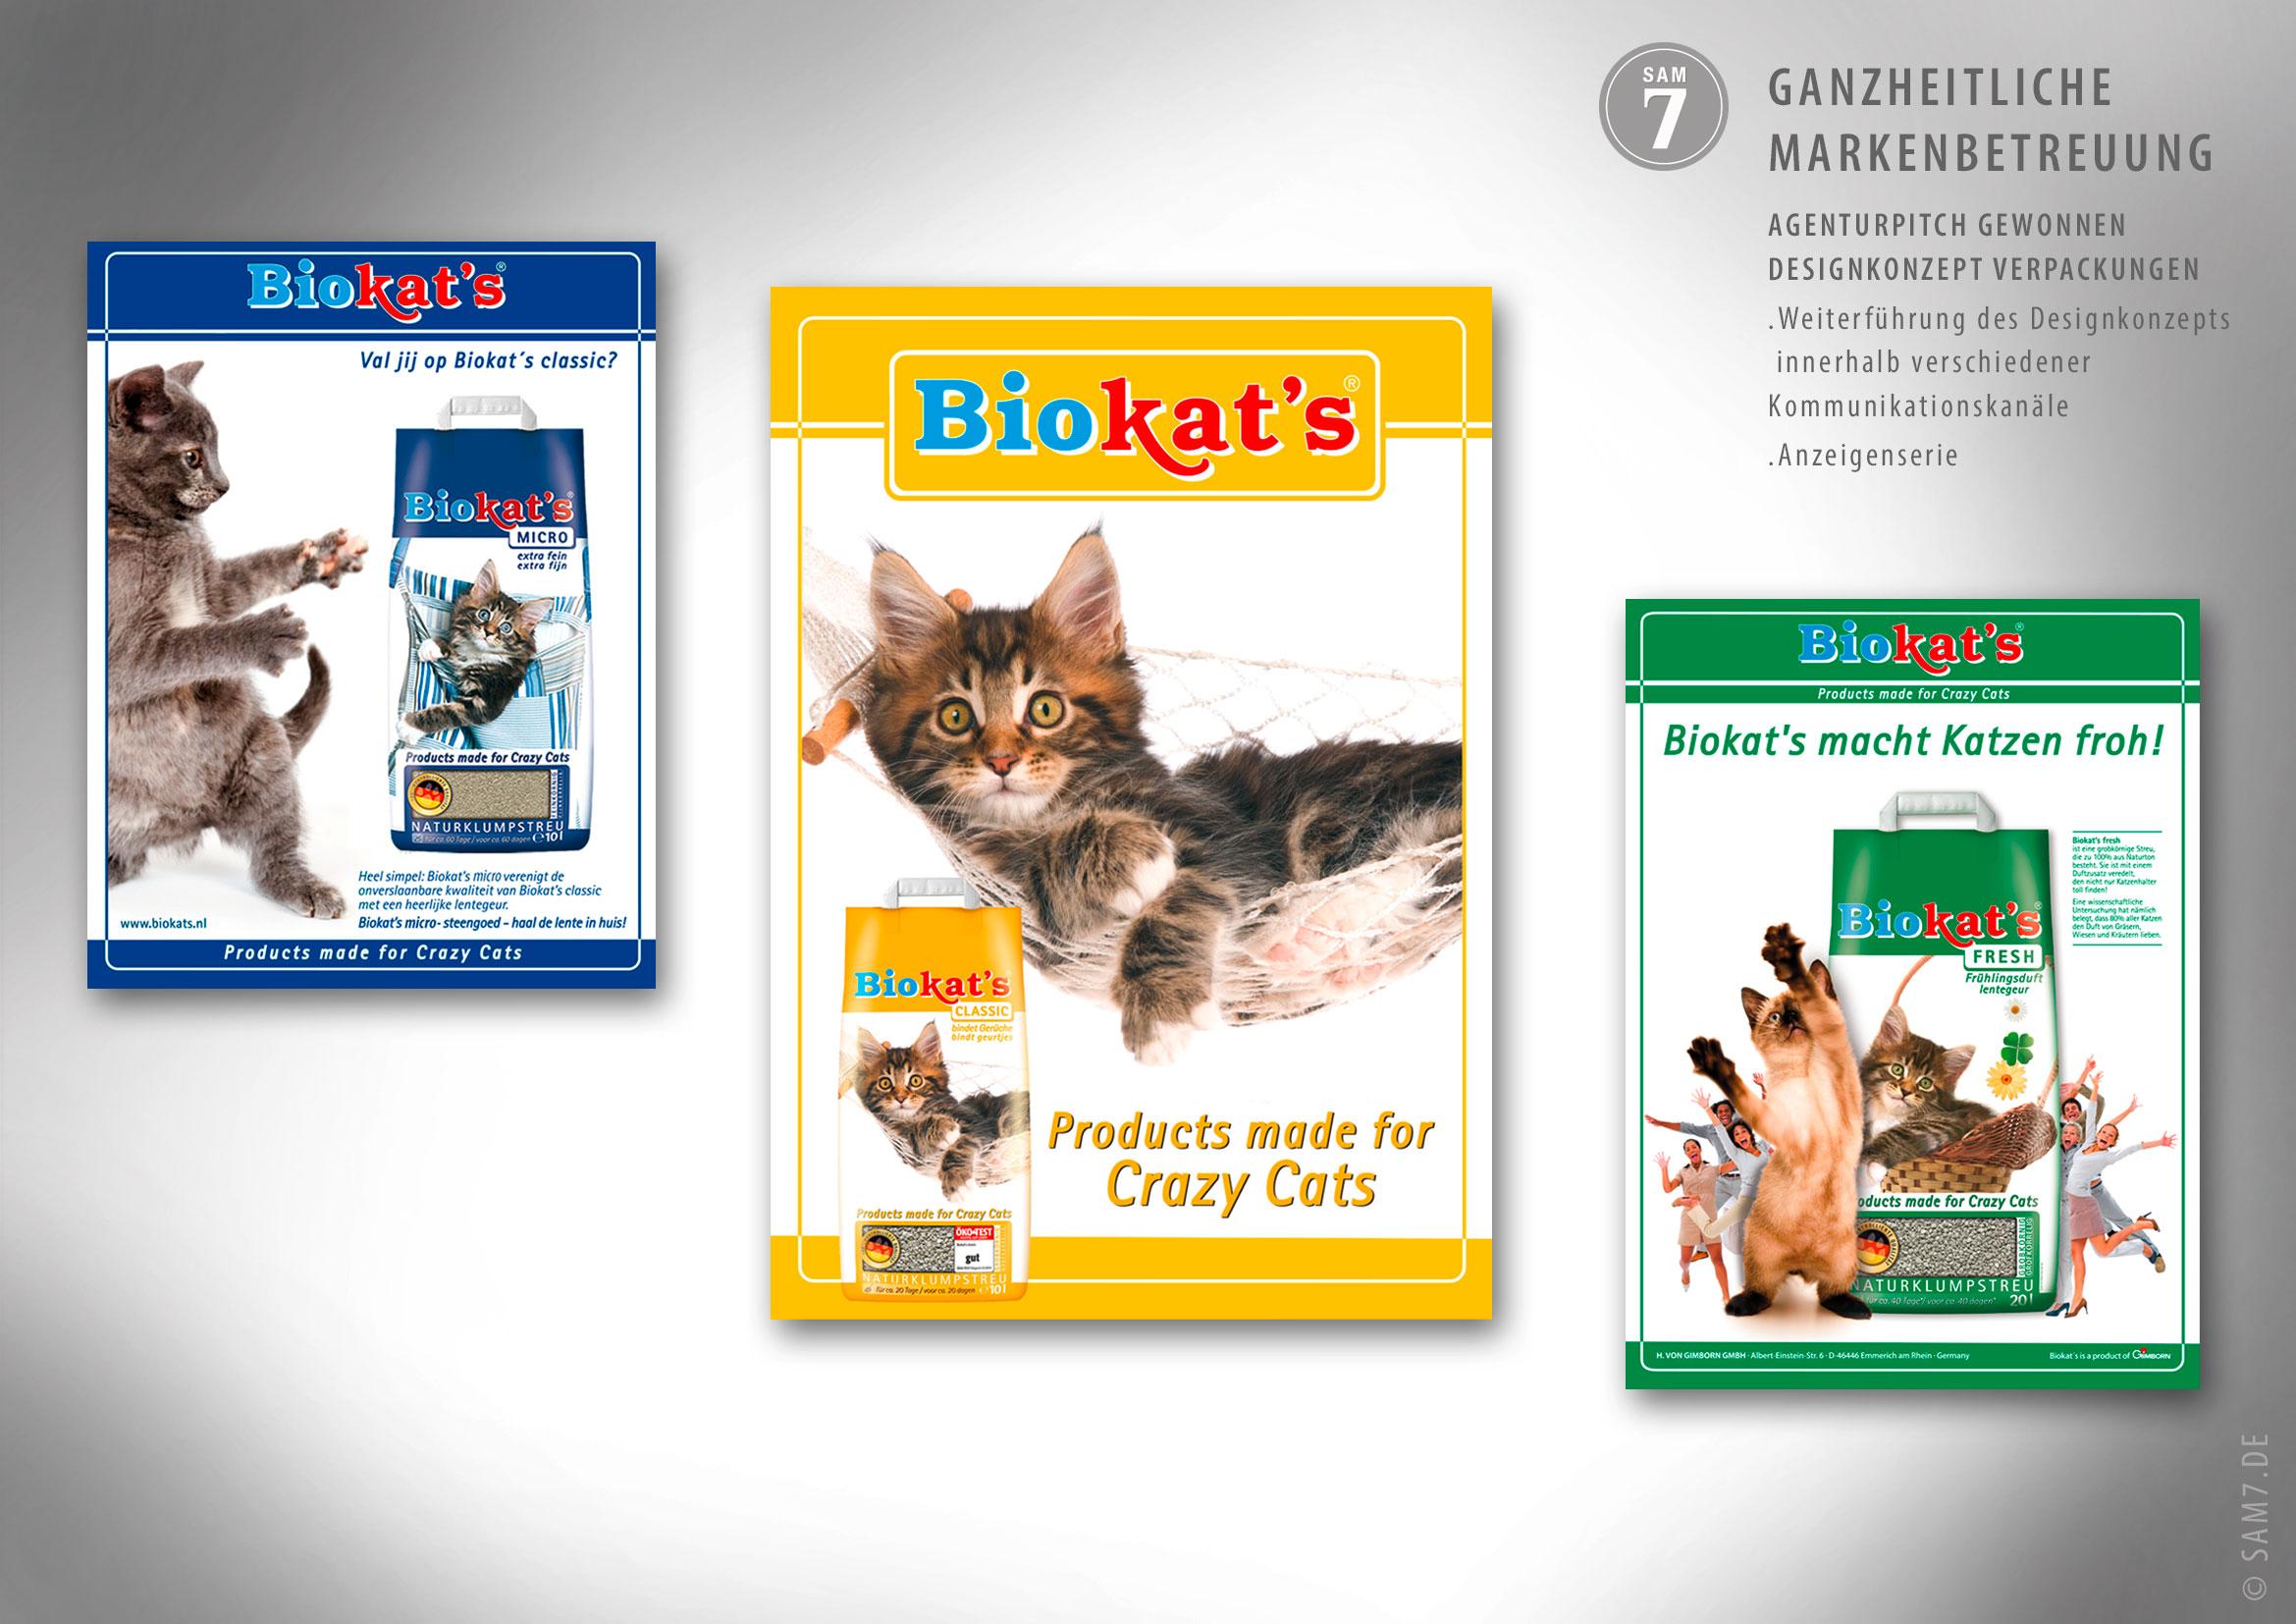 Designkonzept Biokats. Anzeigenserie.